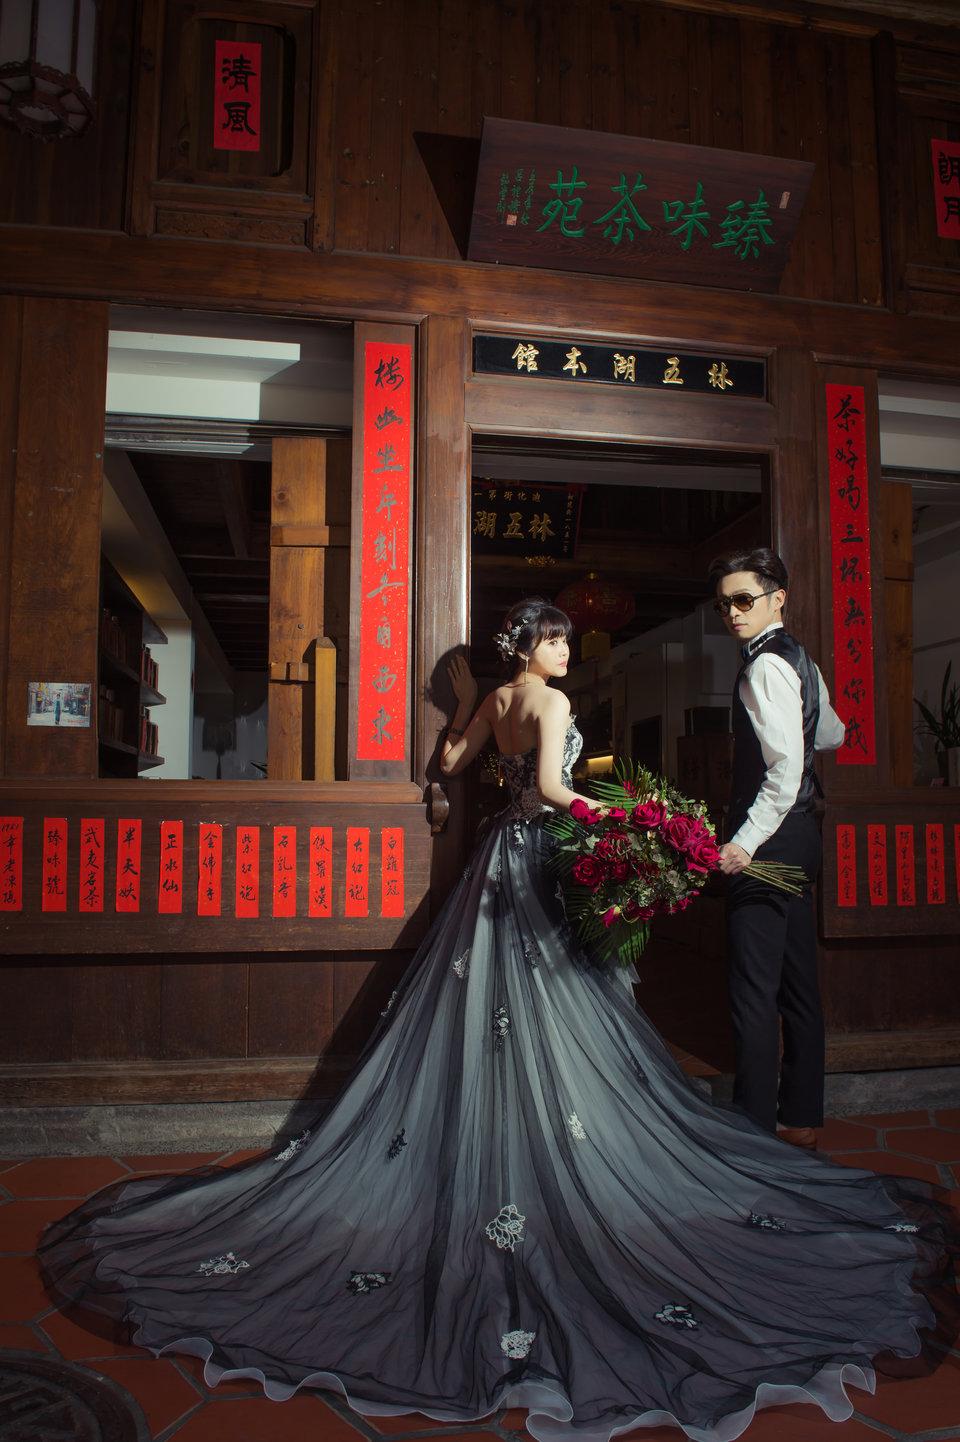 伊頓自助婚紗攝影工作室(台北西門店),伊頓婚紗價格實在 服務人員親切